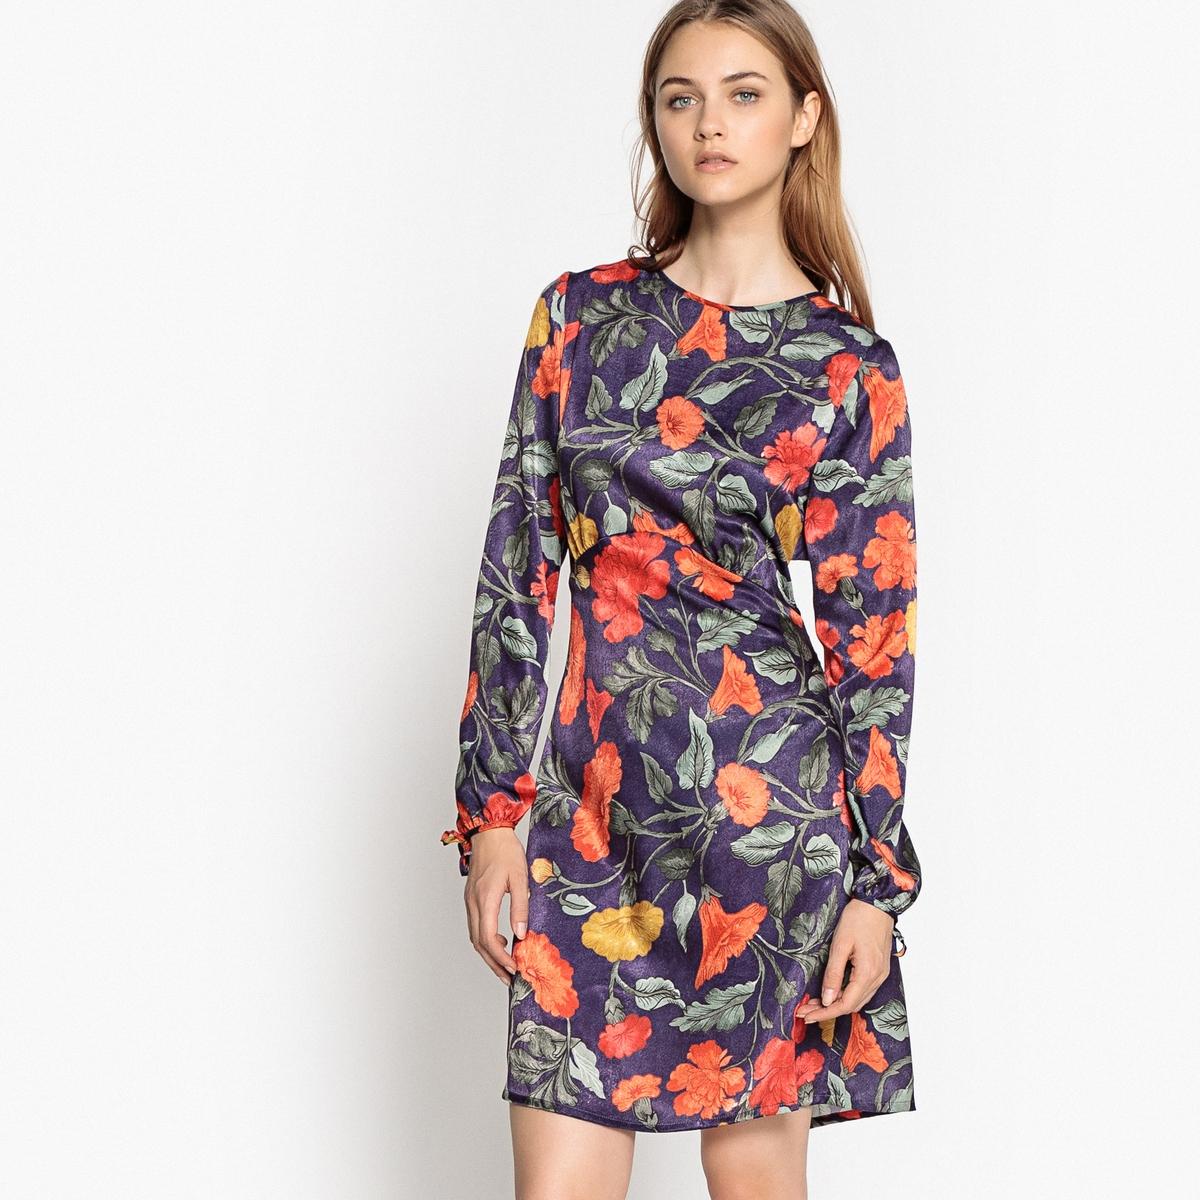 Платье La Redoute Расклешенное короткого покроя с рисунком 36 (FR) - 42 (RUS) синий платье la redoute короткое расклешенное с анималистическим рисунком 36 fr 42 rus синий